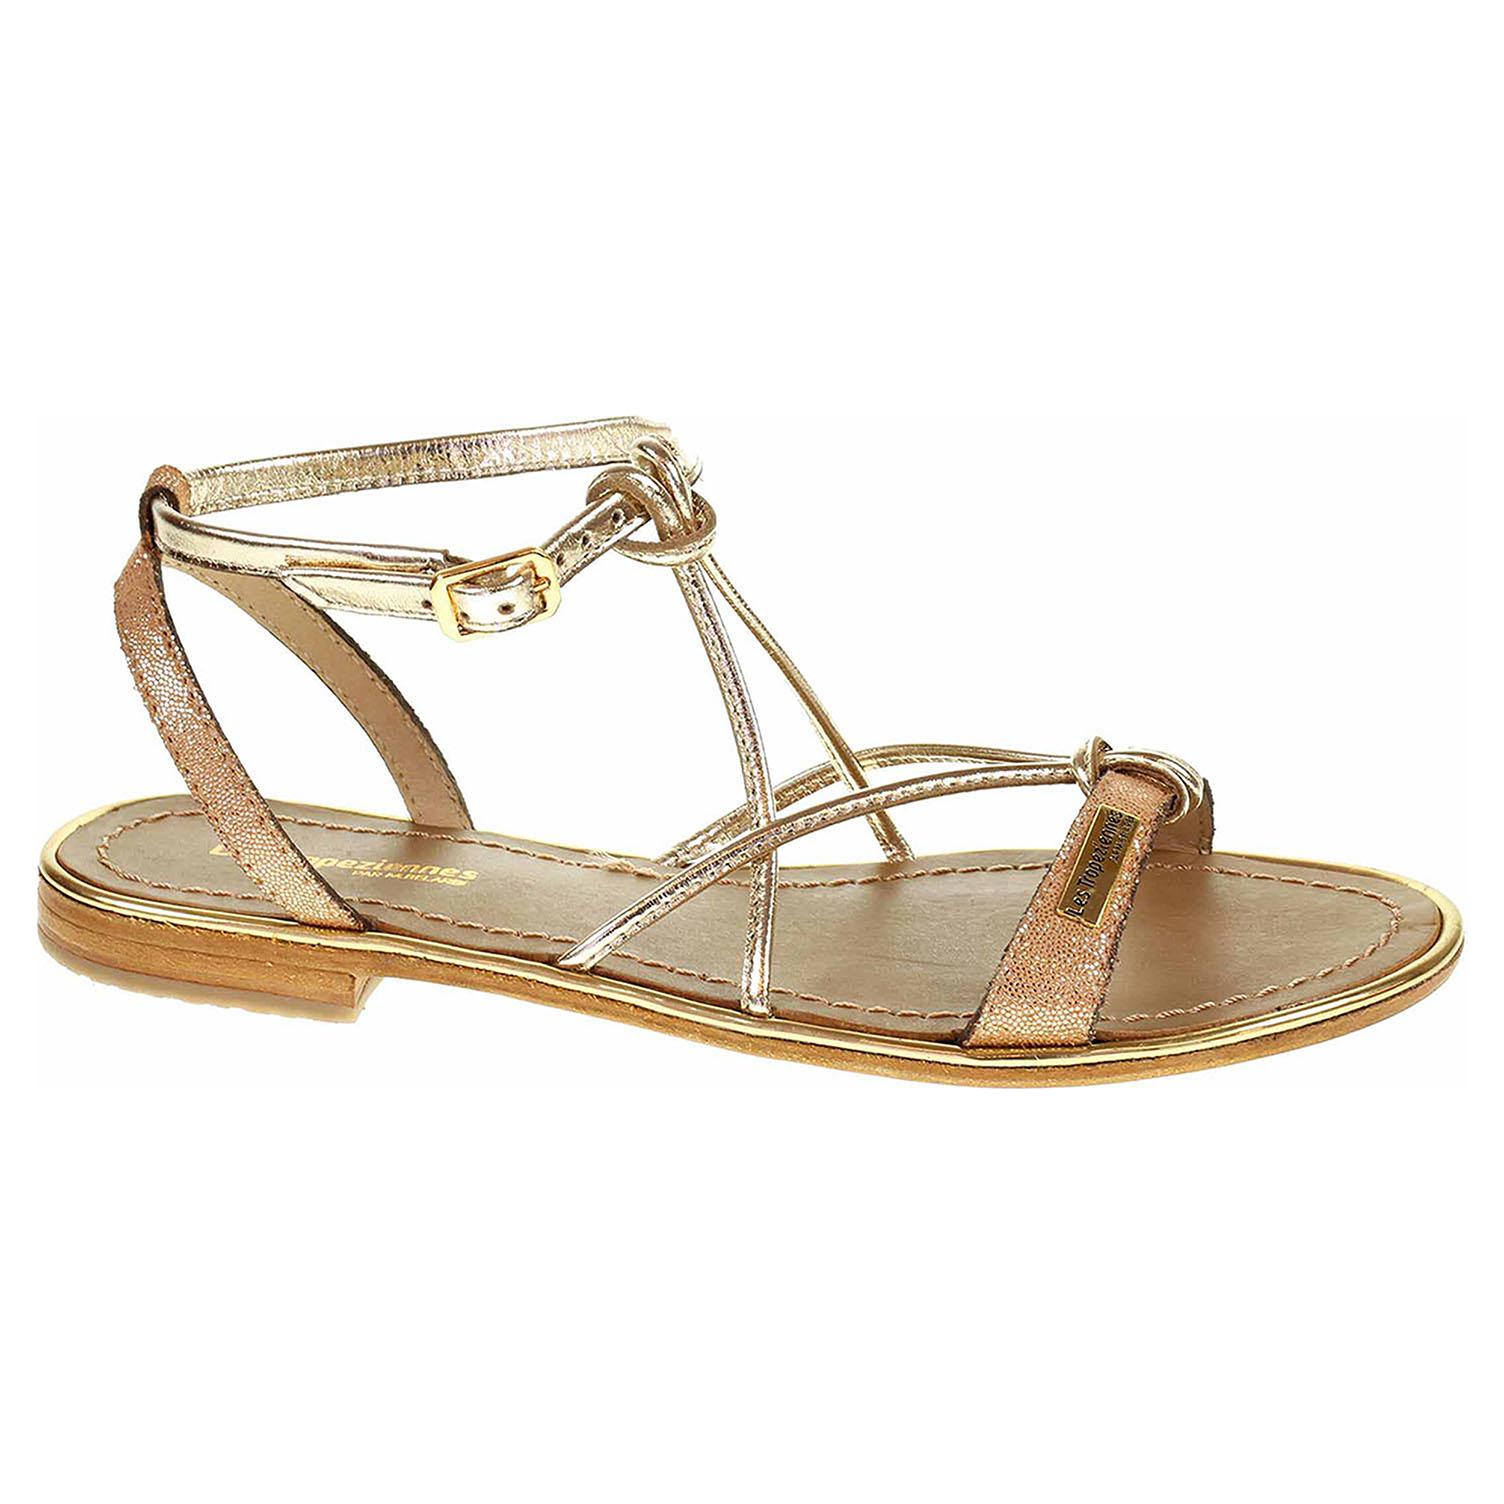 Dámské sandály Les Tropeziennes 19024 Hirondel shiny coral C19024HIRONDEL 37